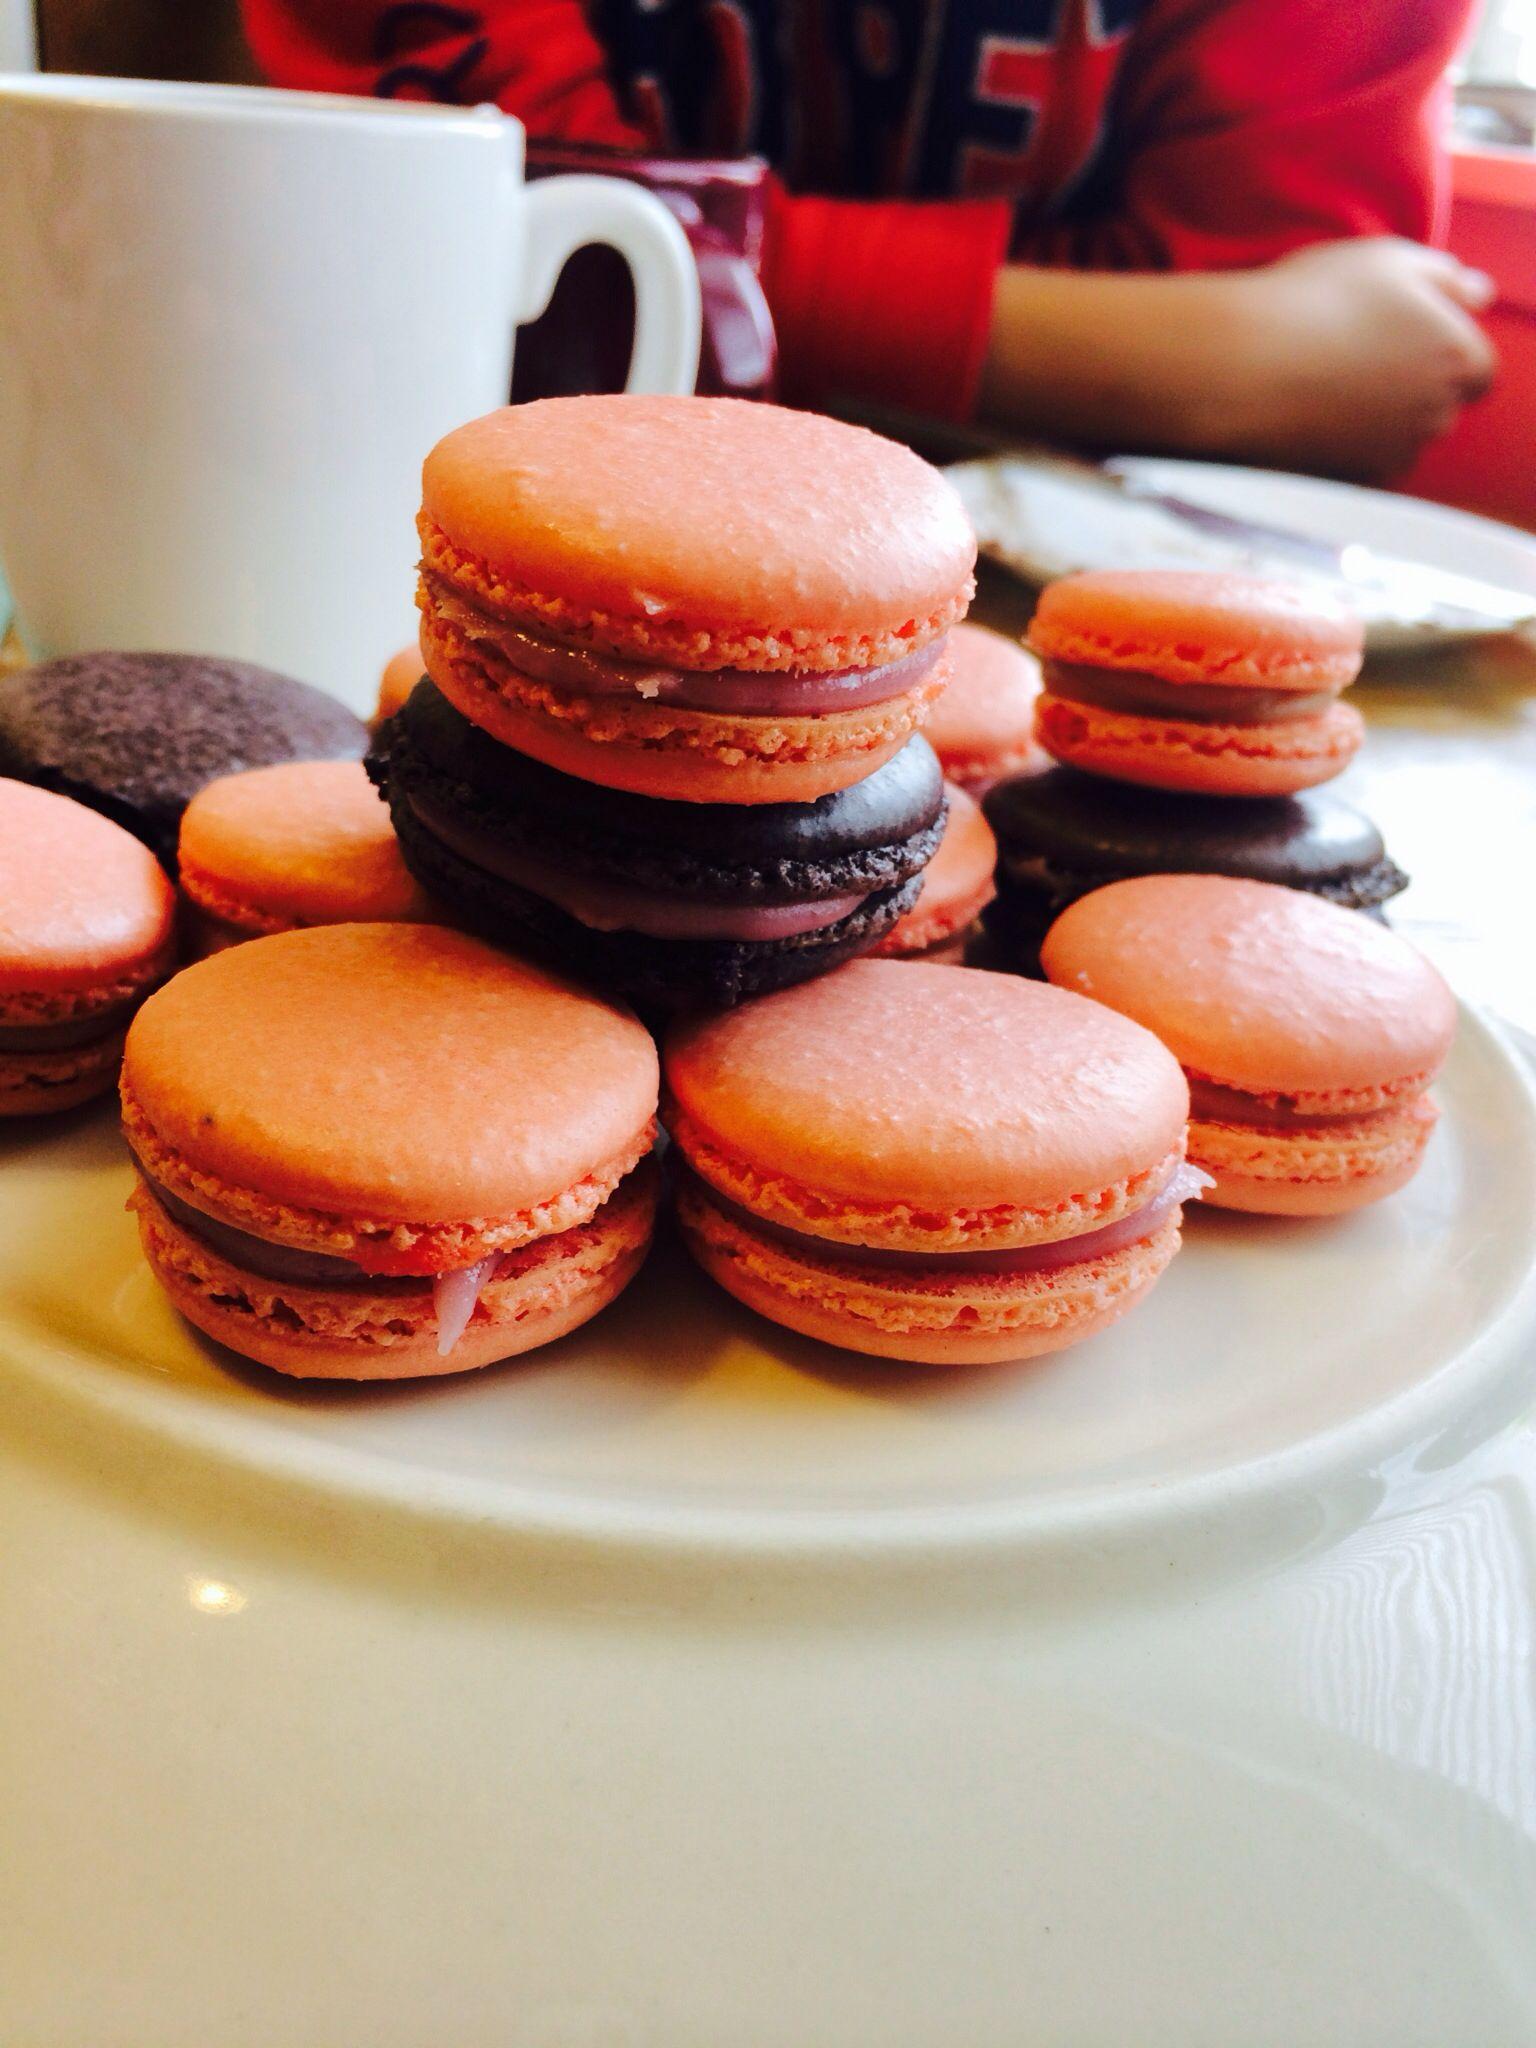 Anita's Macaron